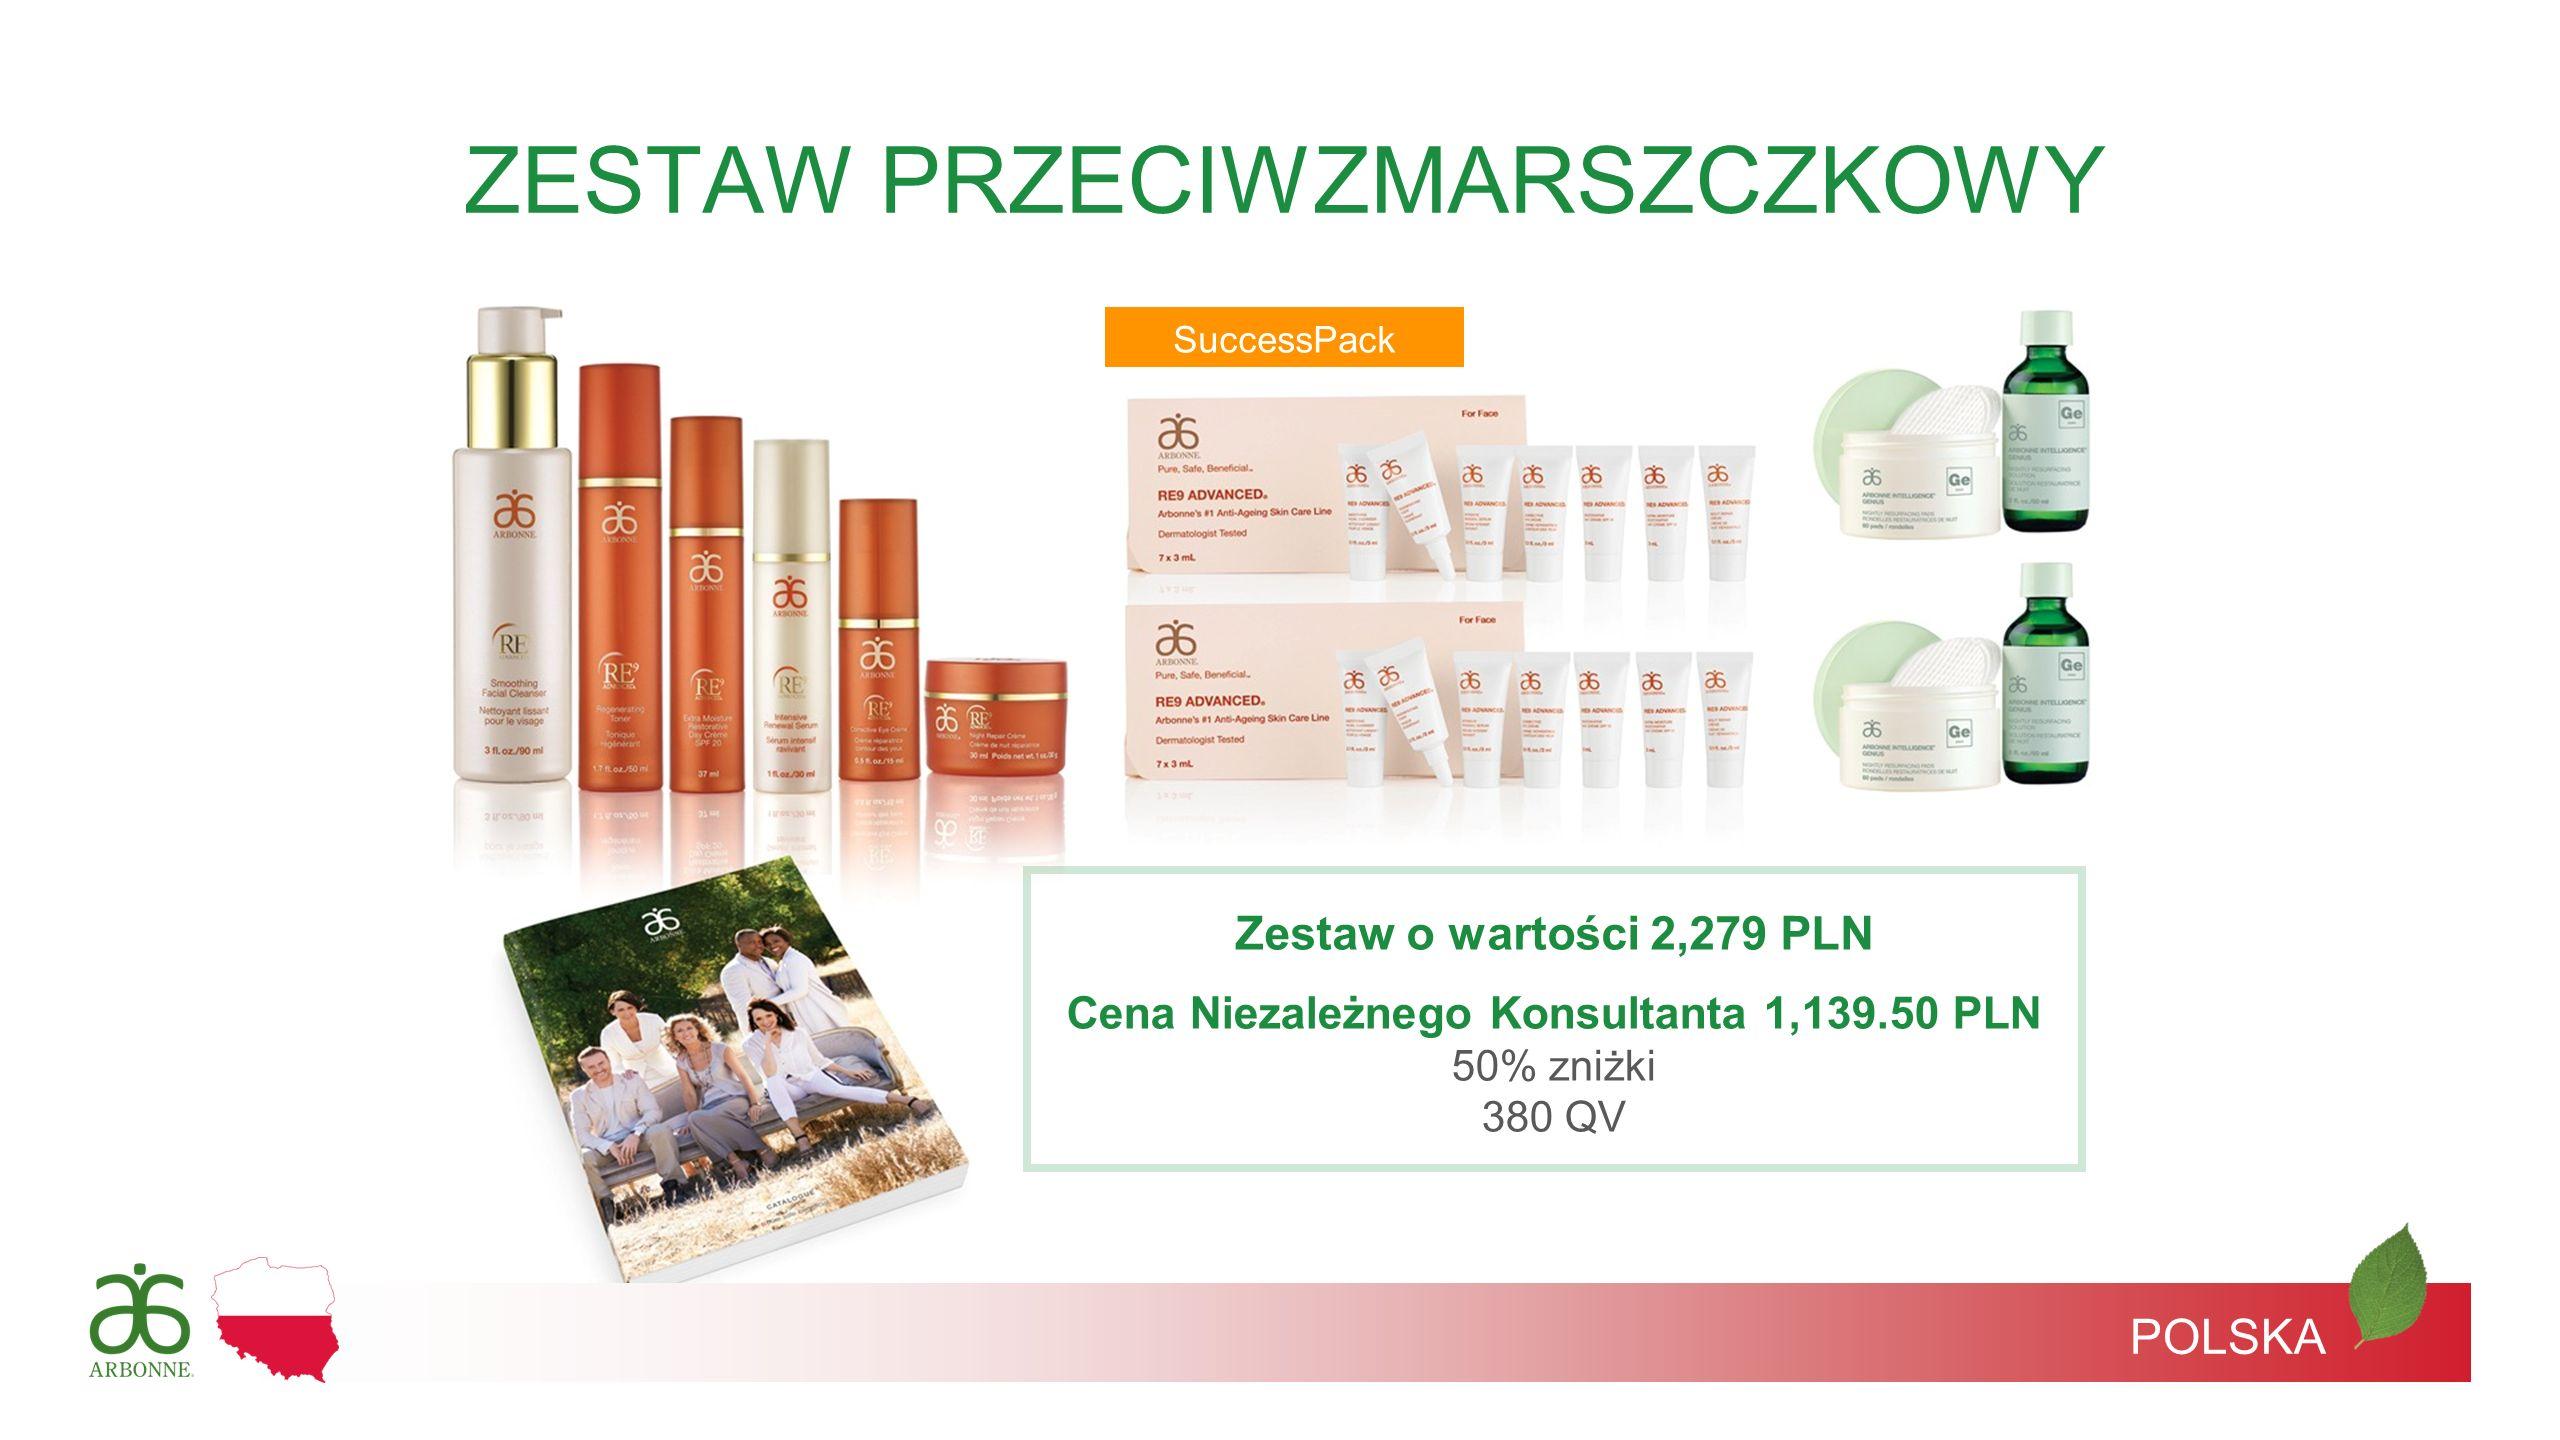 Cena Niezależnego Konsultanta 1,139.50 PLN